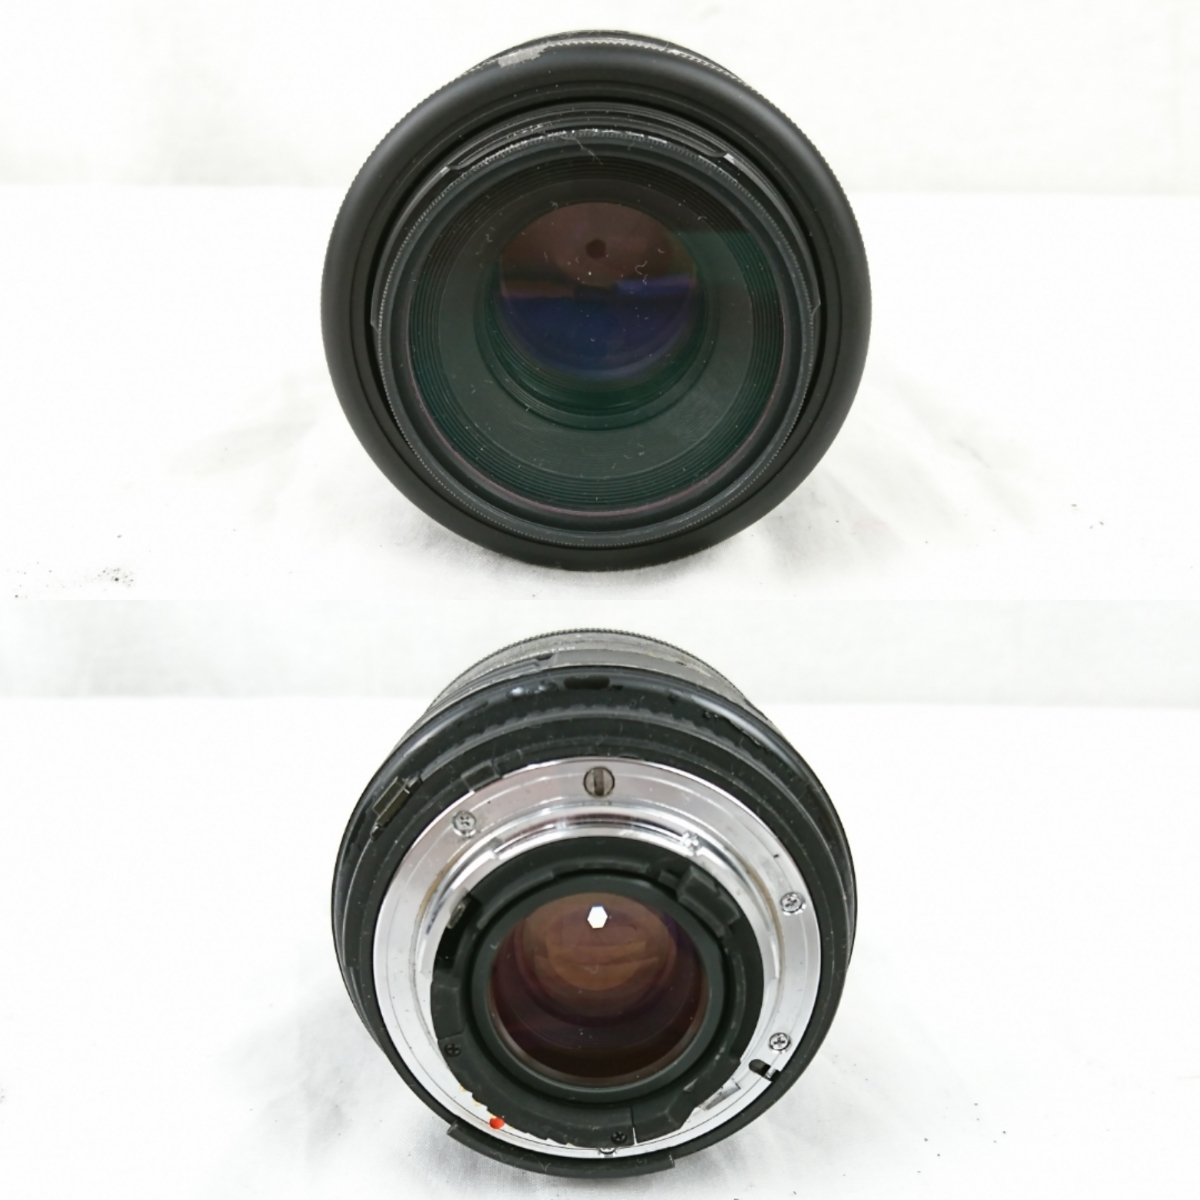 【GK-203】 Nikon ニコン カメラ F4 レンズ AF オートフォーカス Nikon ED AF NIKKOR 80-200mm AF NIKKOR 70-210mm NIKKOR 28-85mm_画像10